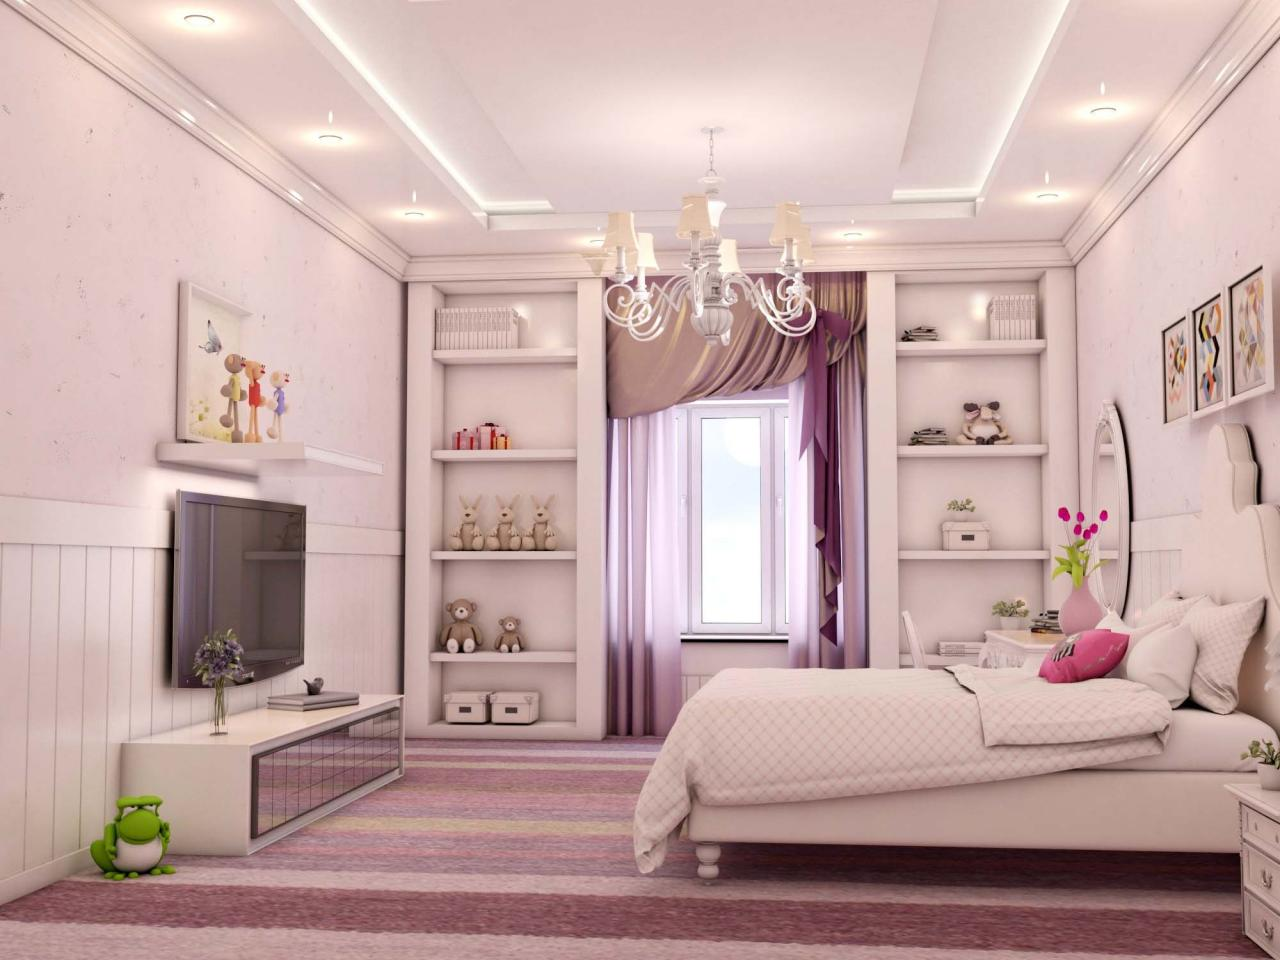 صورة تصميم غرف, واوو قمه الابداع وافضل الديكورات والتصاميم